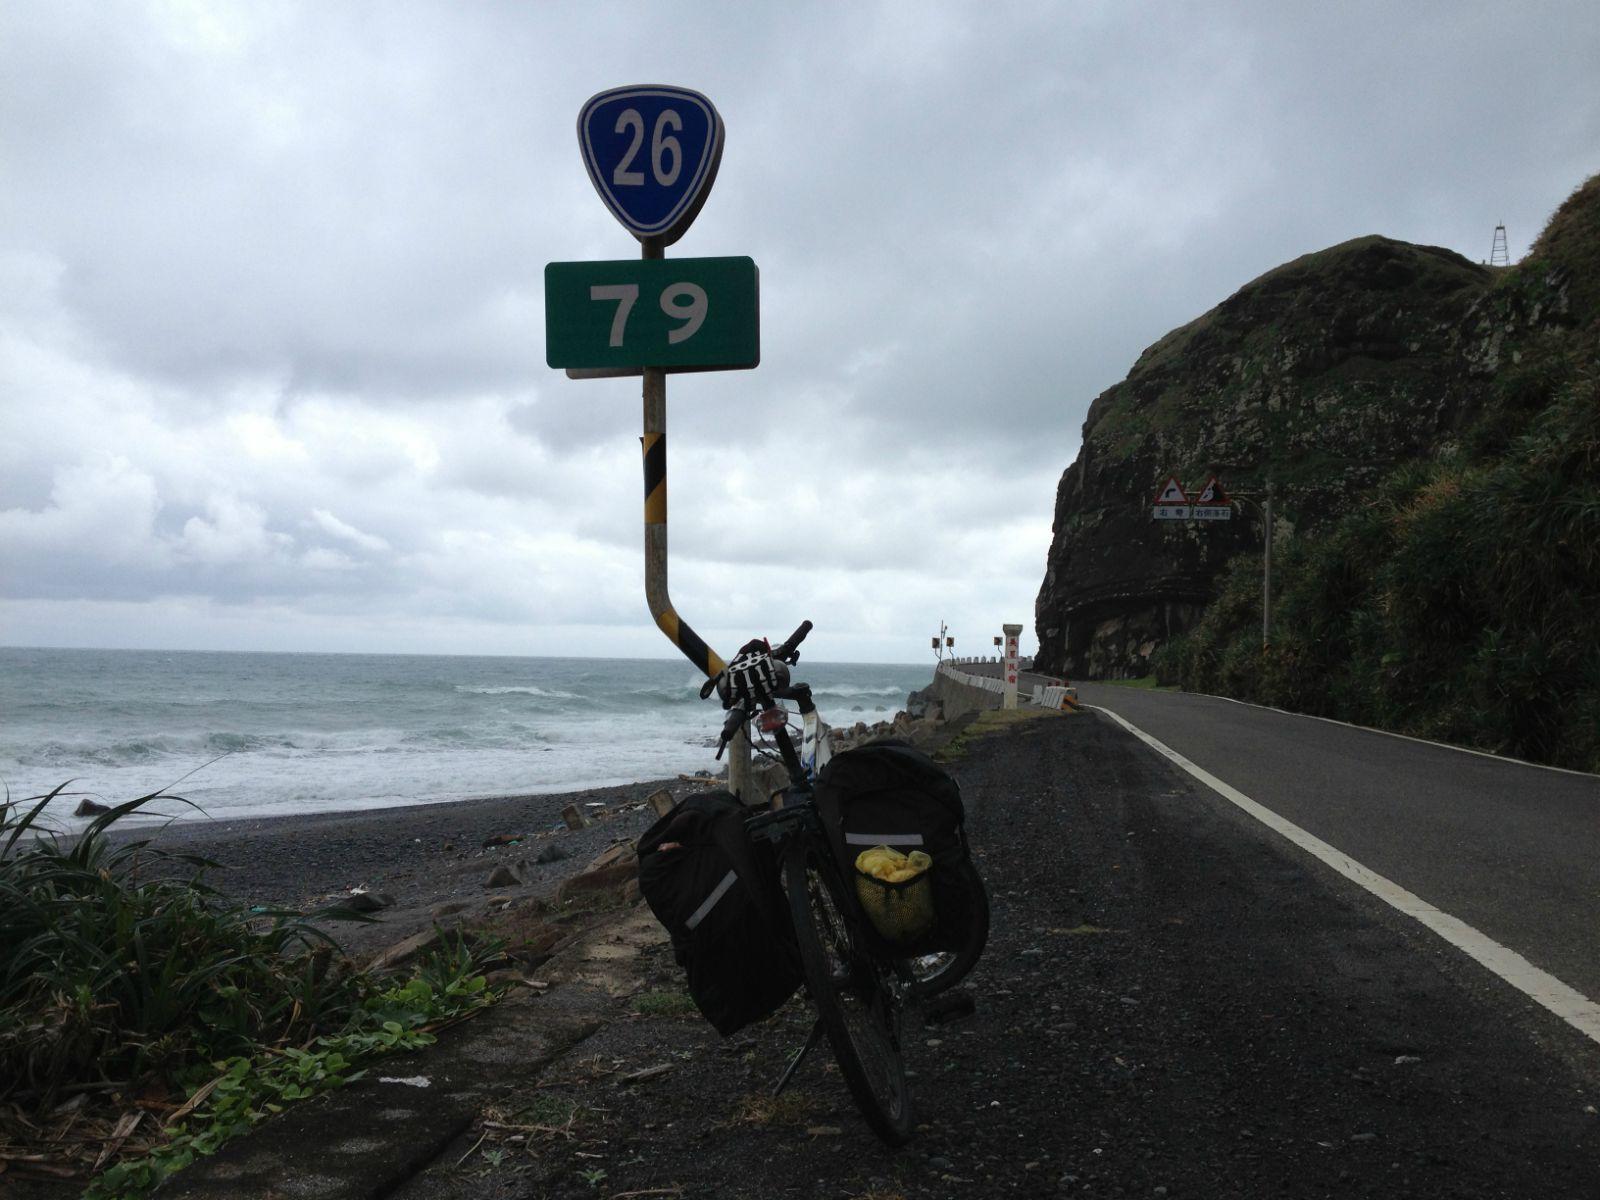 台湾环岛骑行 跟着这位骑友一起感受台湾美景 图5